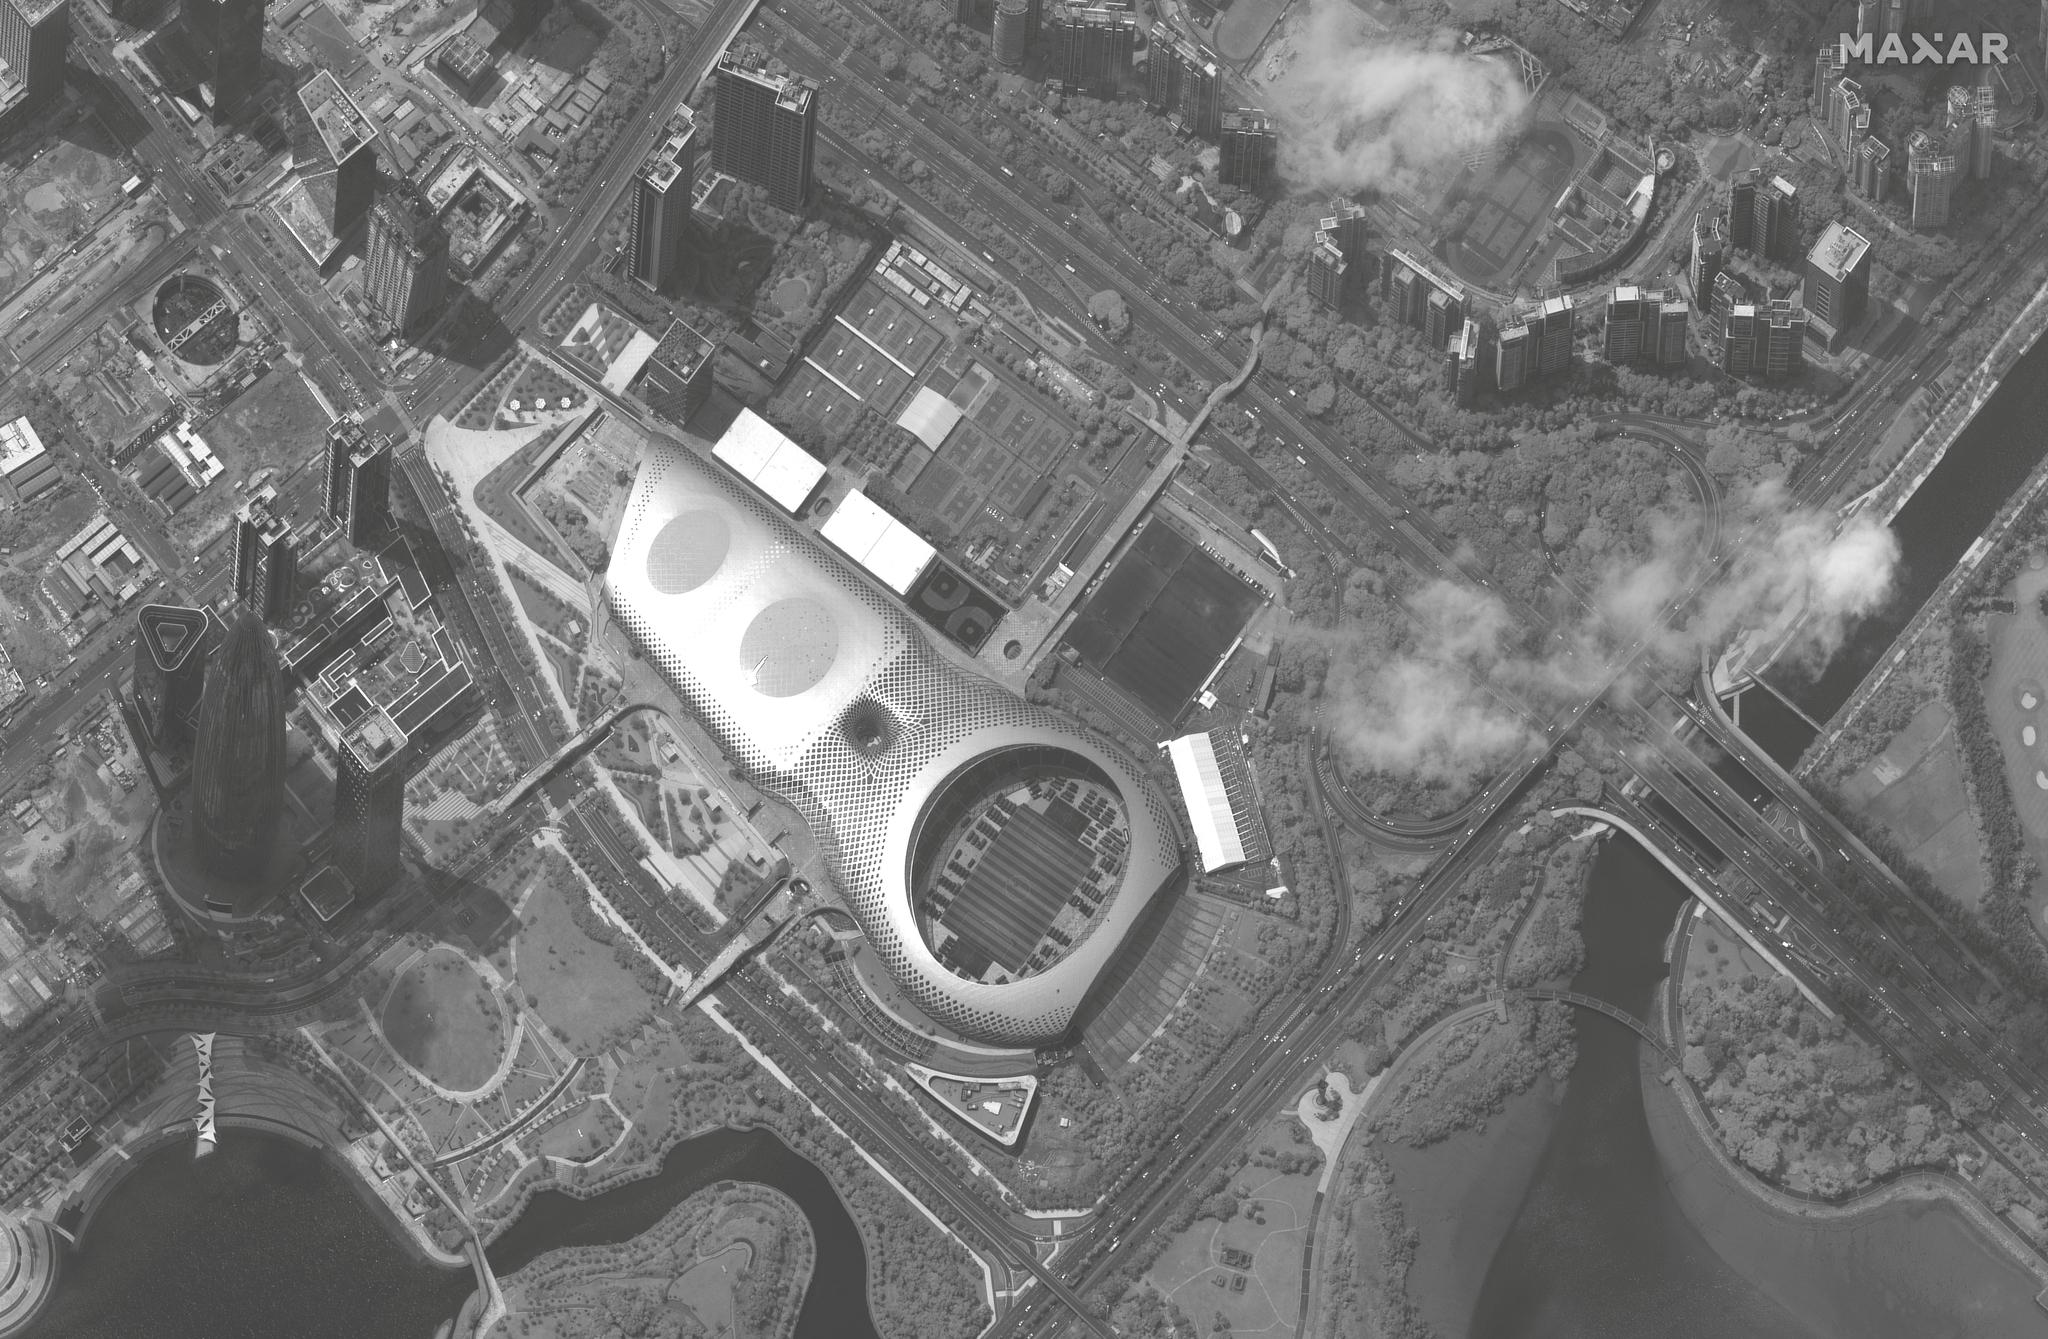 12일 (현지시간) 중국 선전의 대형 스타디움인 선전만 스포츠센터에 집결해 있는 수백 대의 군용트럭.[로이터=연합뉴스]